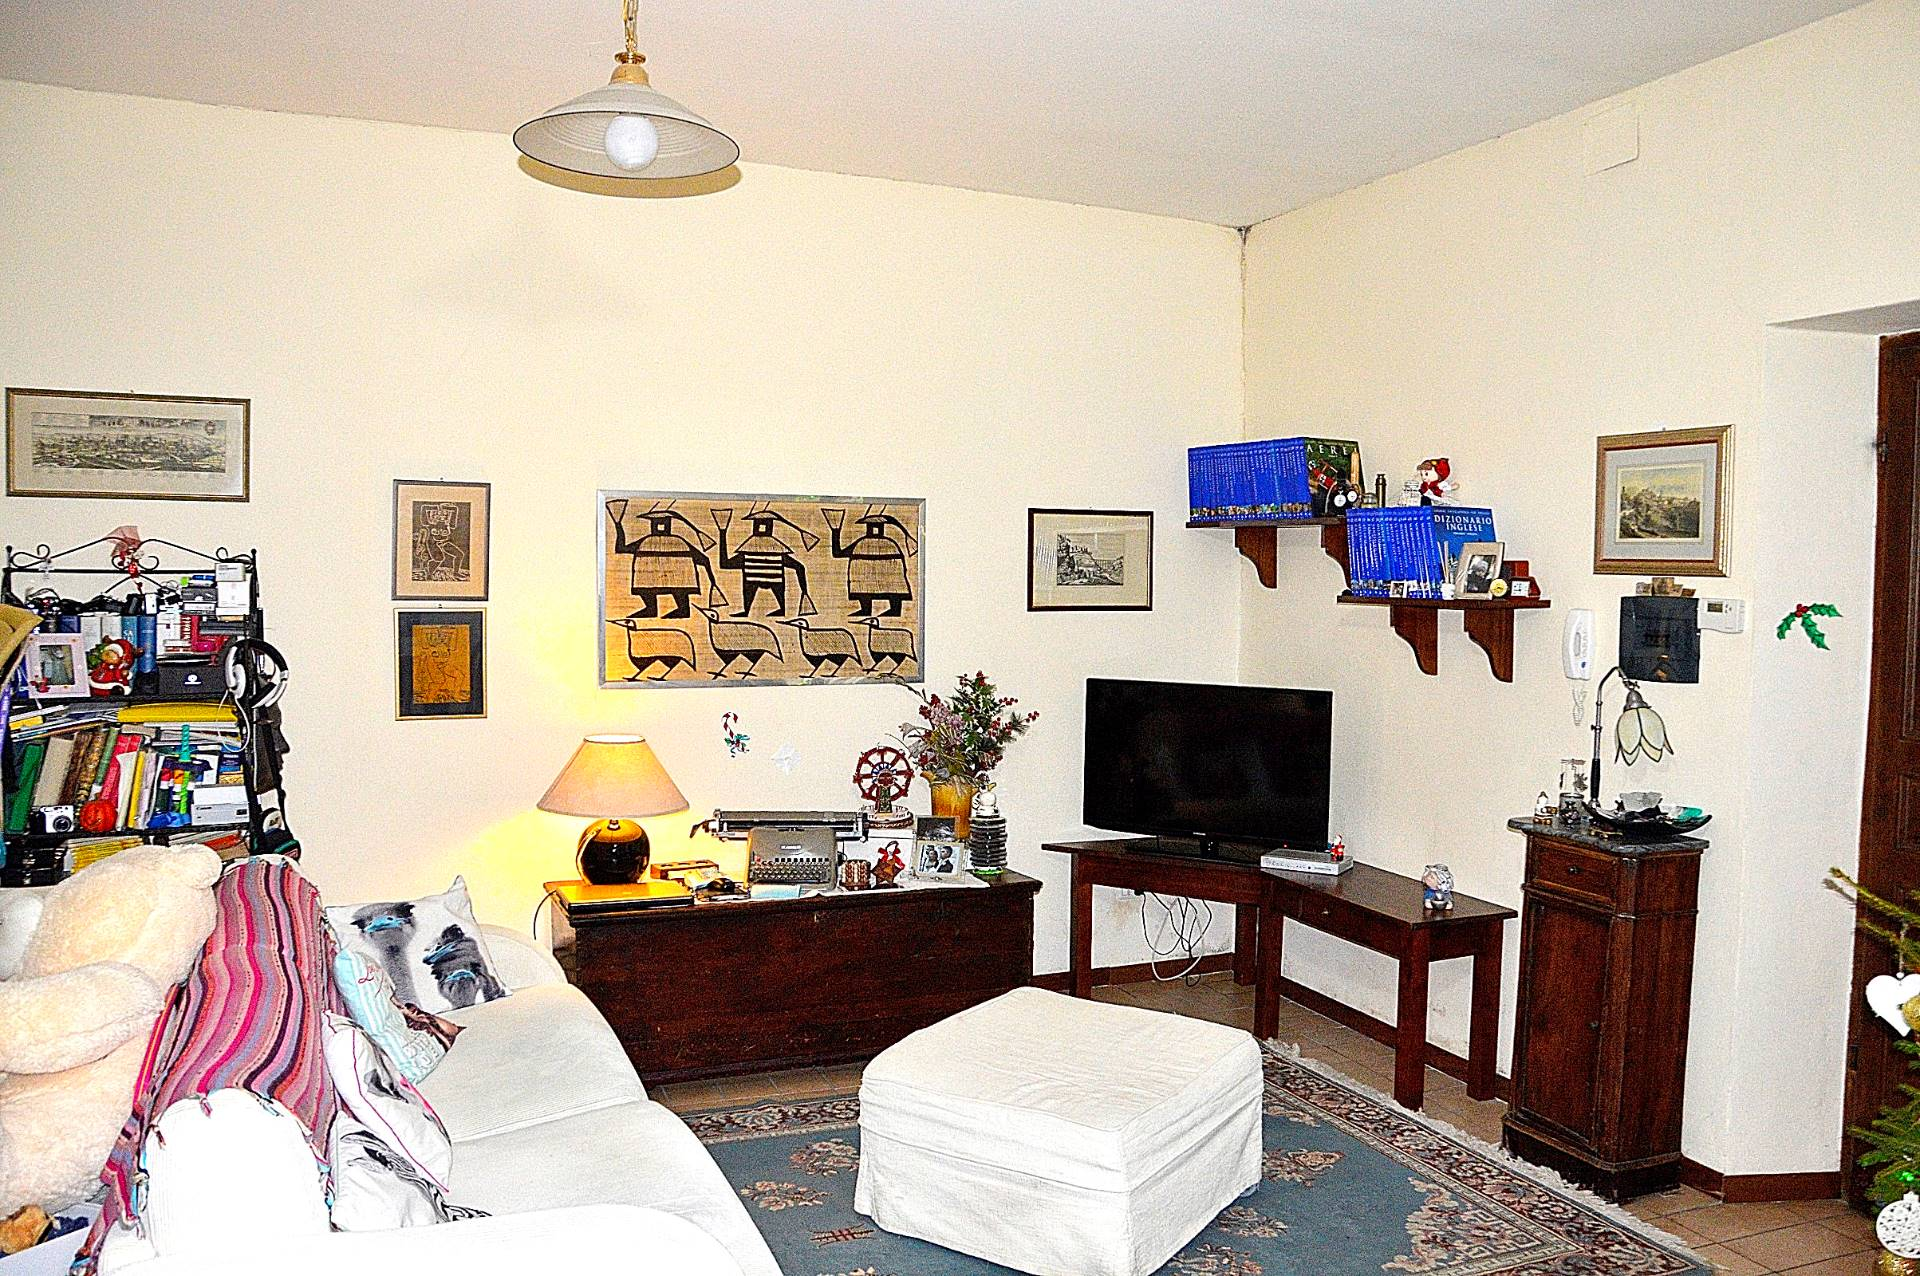 Appartamento in vendita a Campello sul Clitunno, 3 locali, prezzo € 59.000 | CambioCasa.it